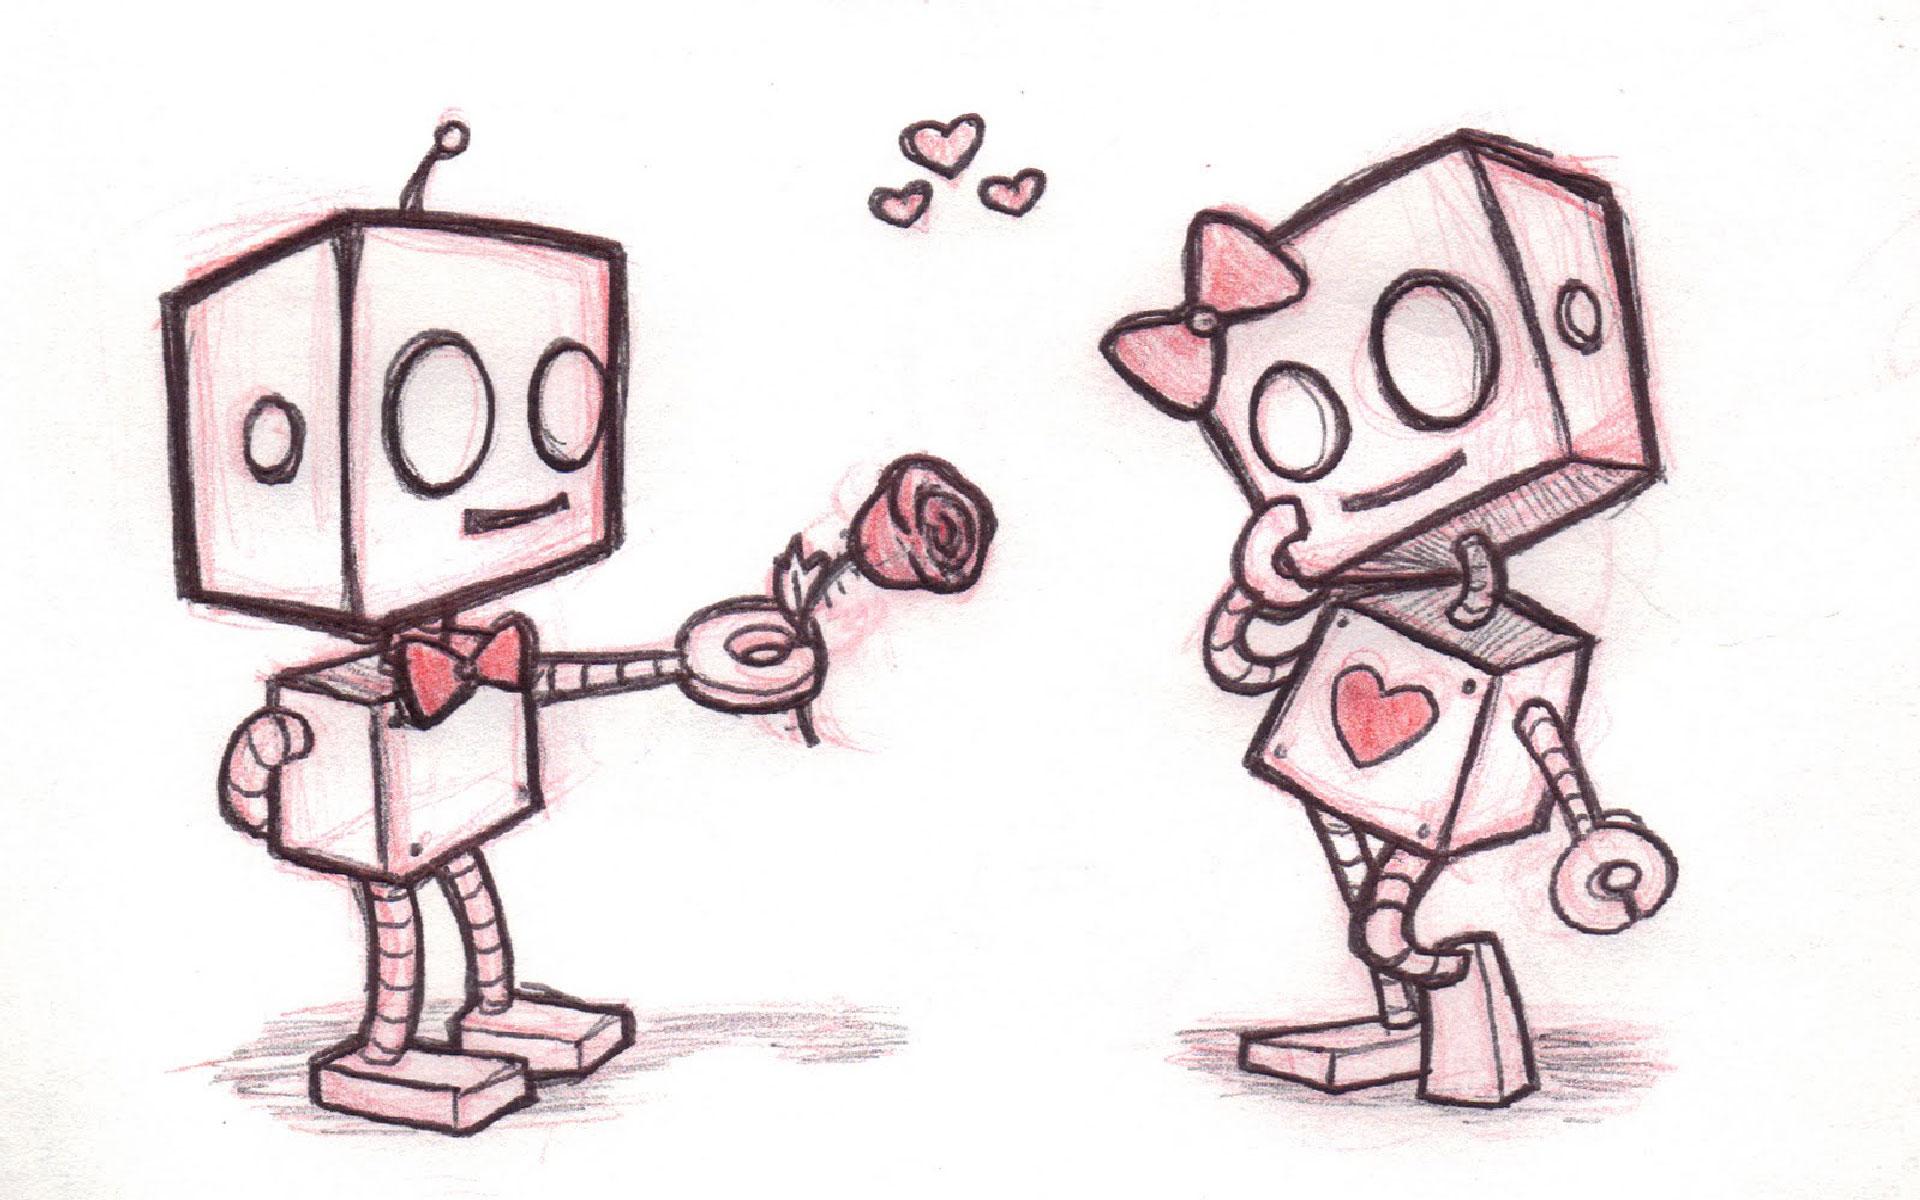 1920x1200 Cute Drawing Of Couples Cute Love Drawings Pencil Art Hd Romantic